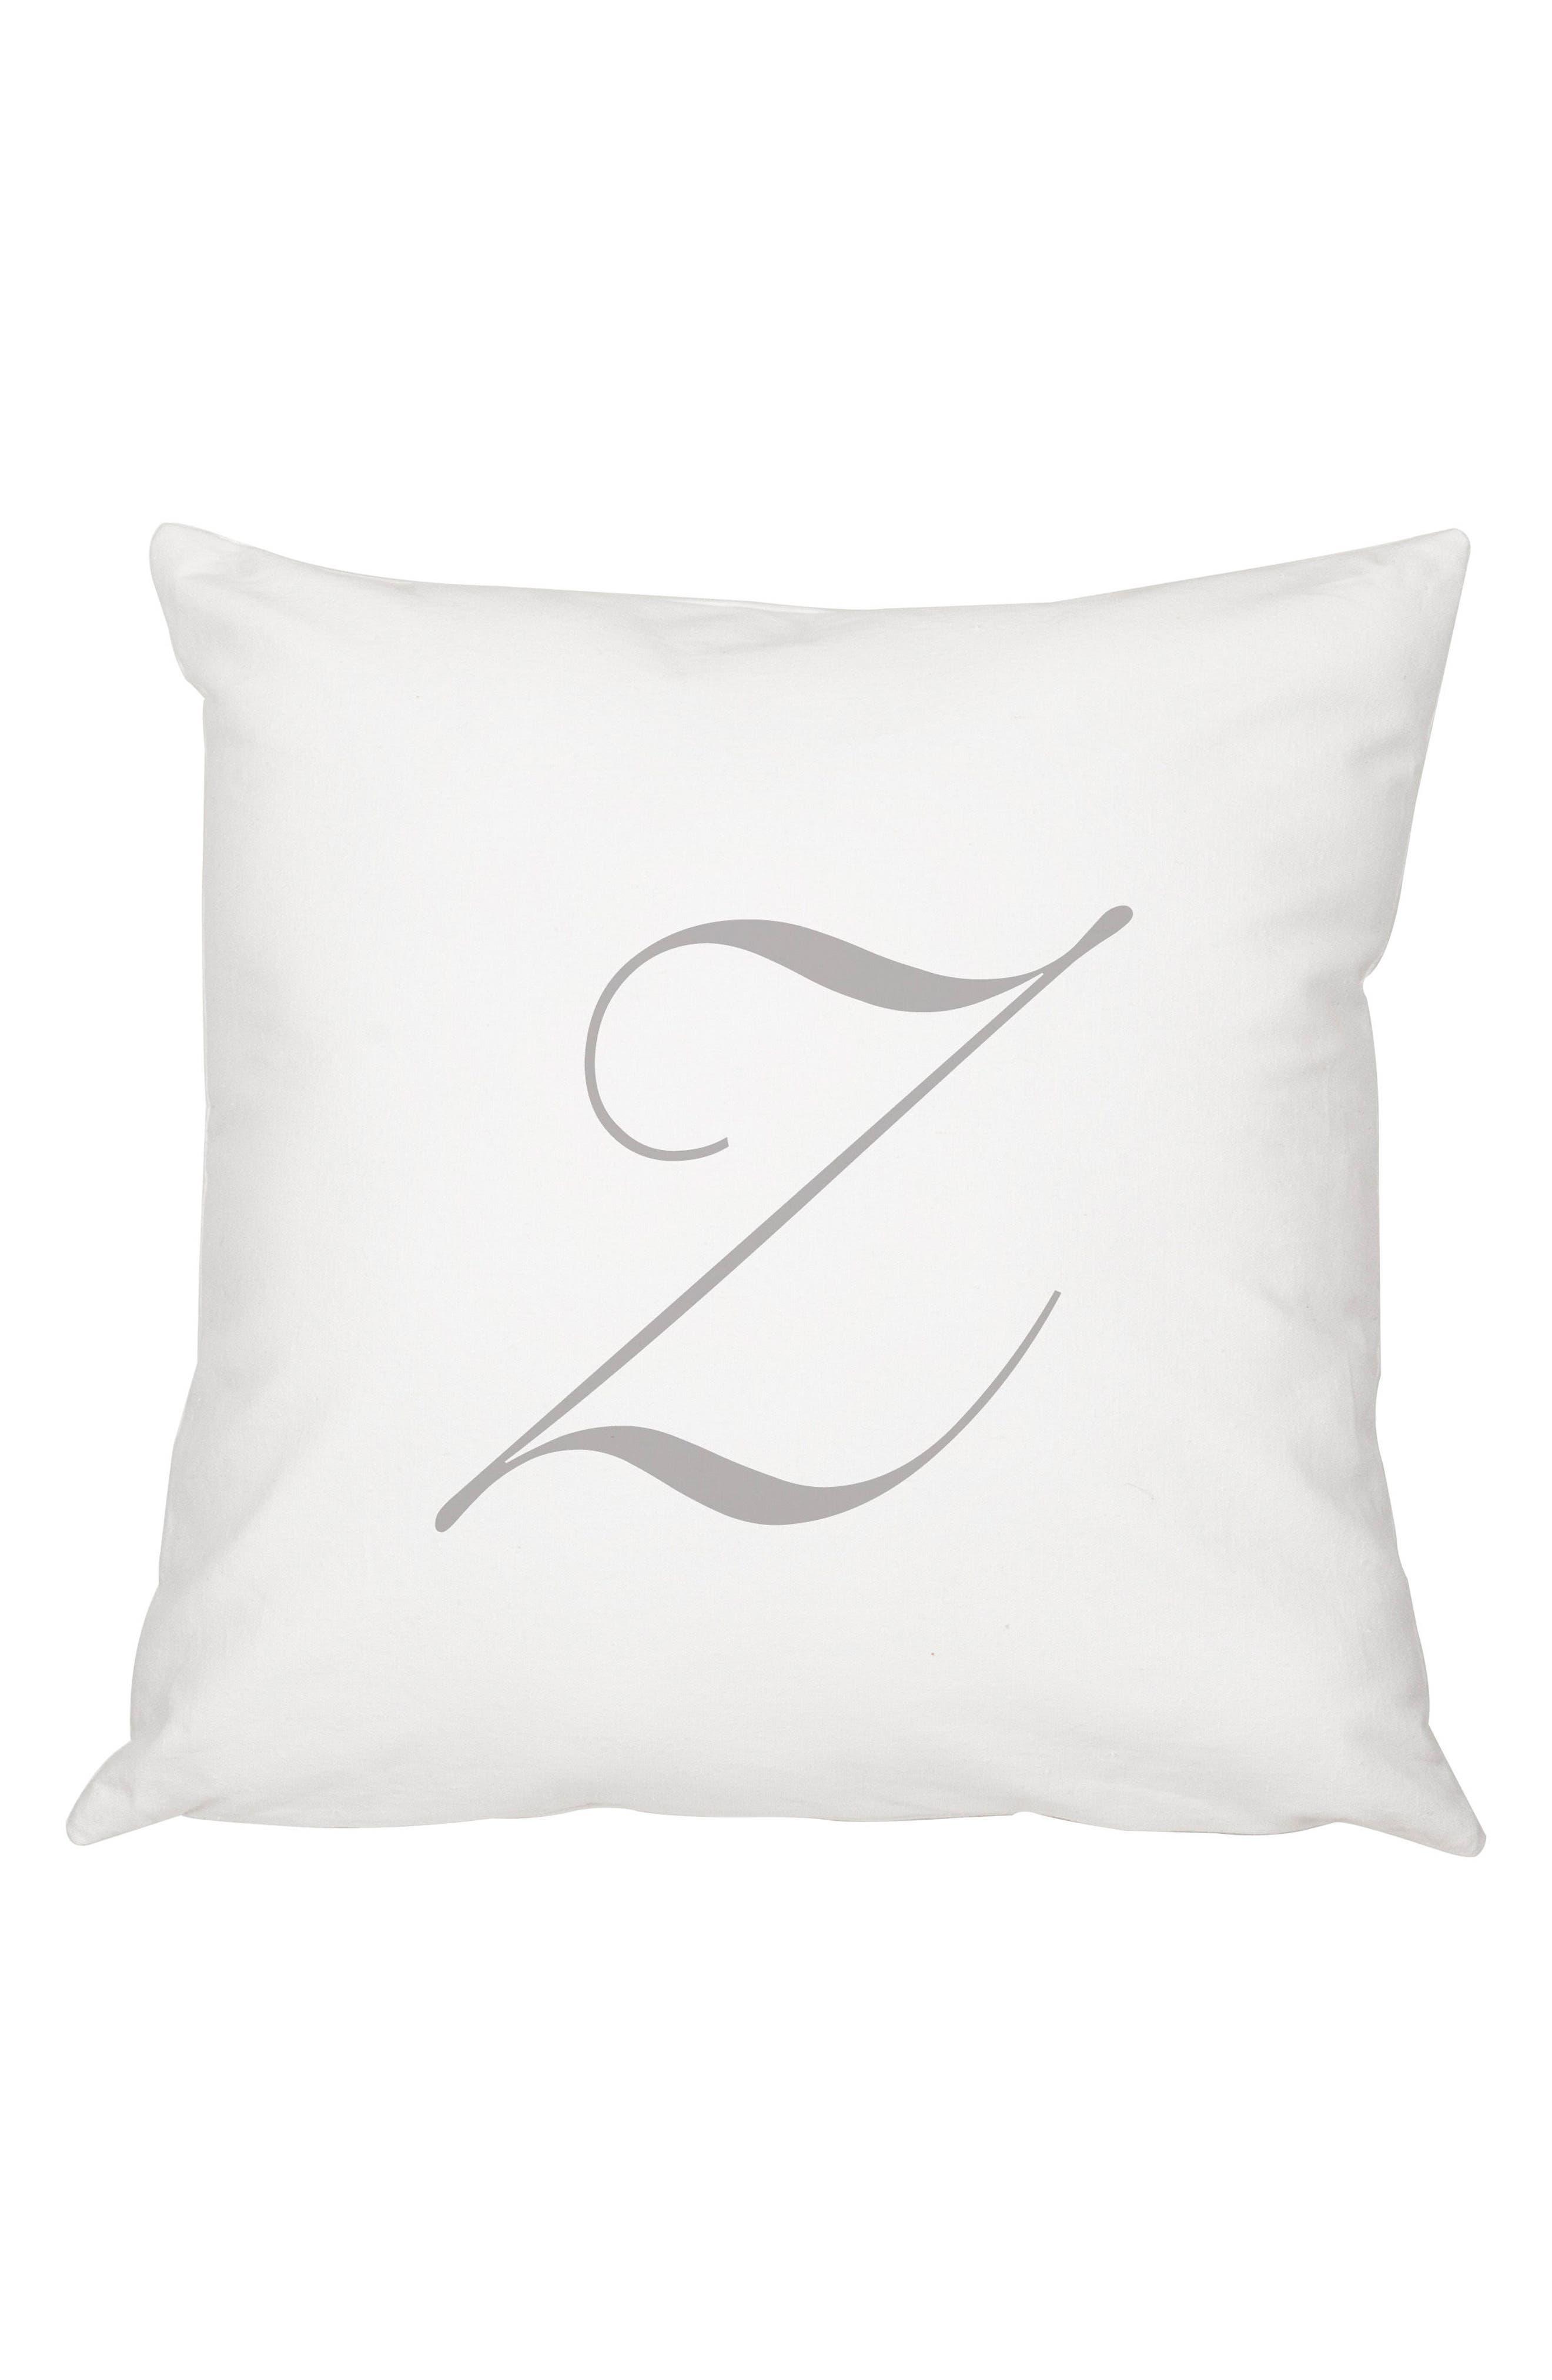 Script Monogram Accent Pillow,                             Main thumbnail 26, color,